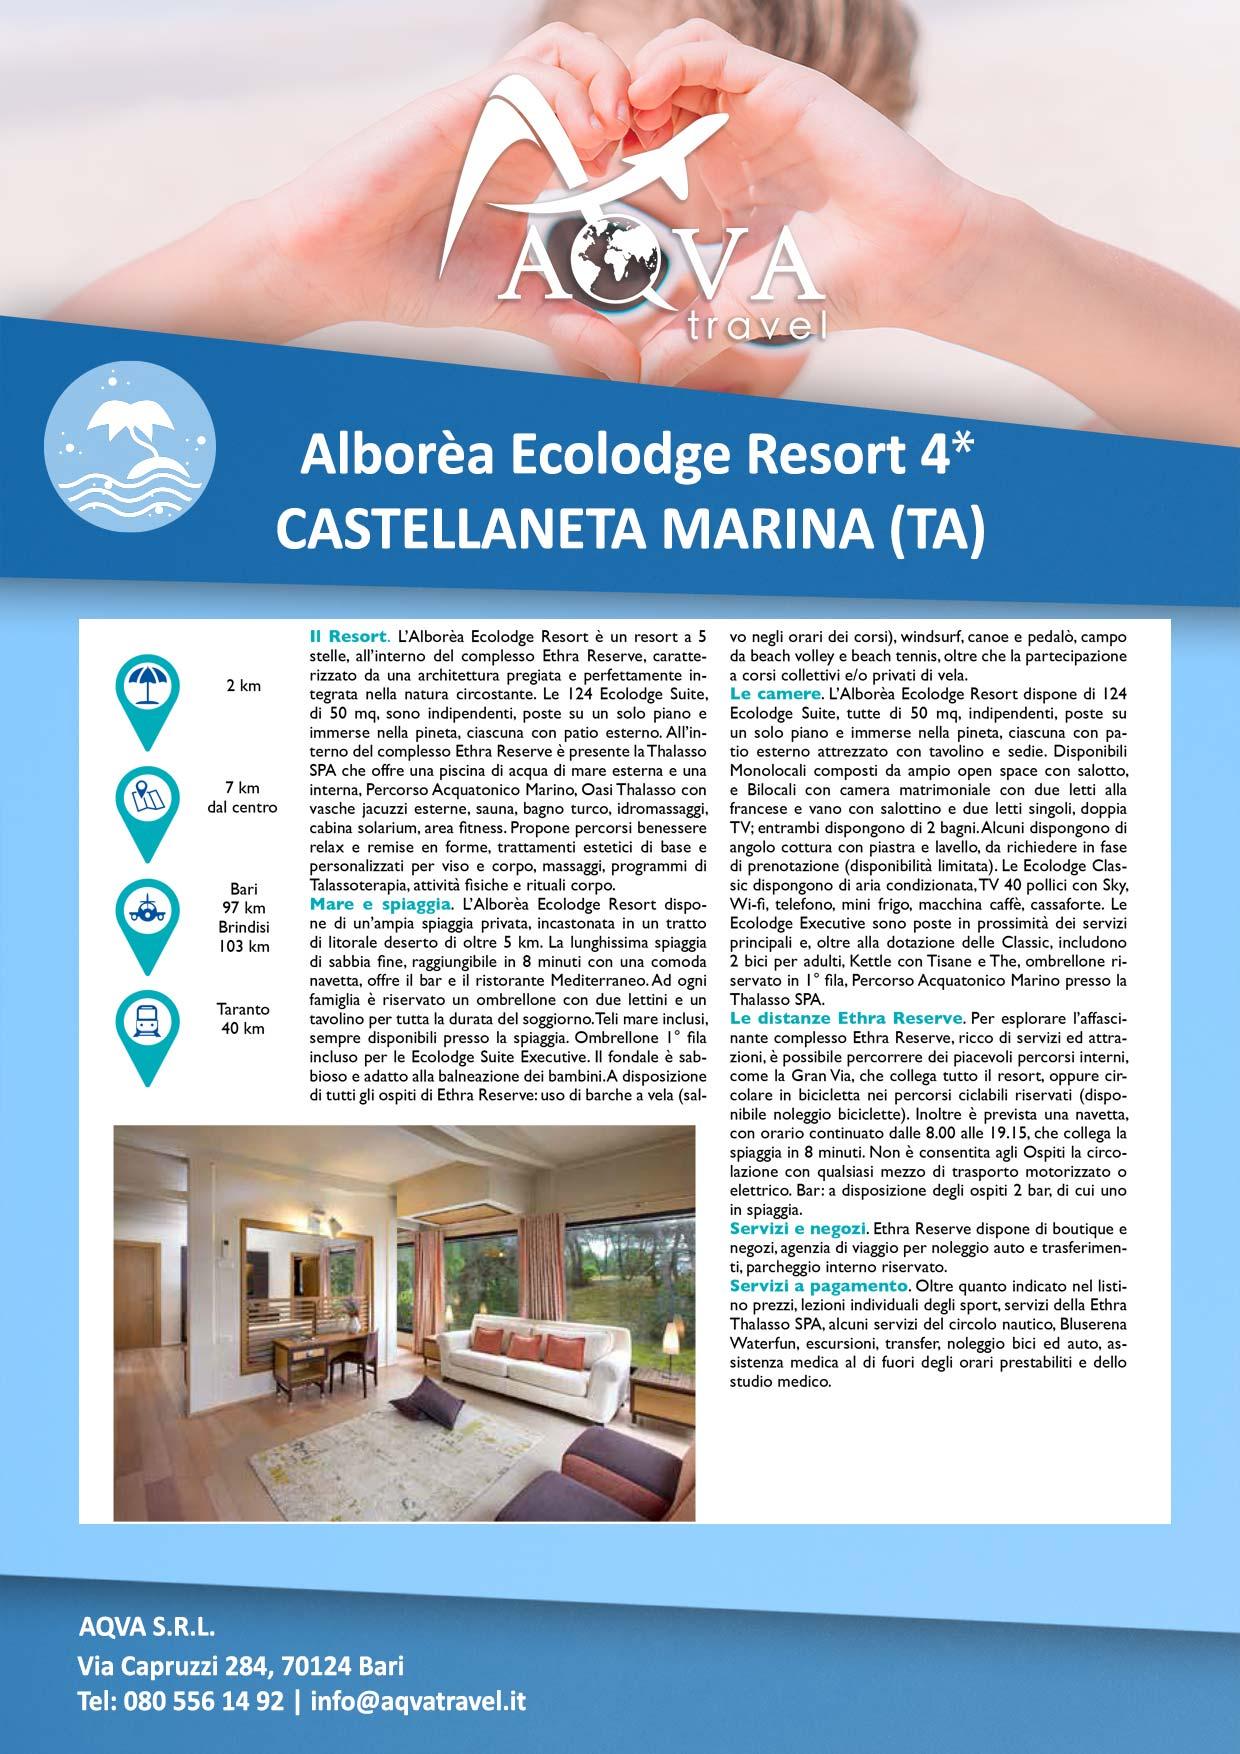 Alborèa-Ecolodge-Resort-4-CASTELLANETA-MARINA-(TA)-Mare-offerte-agenzia-di-viaggi-Bari-AQVATRAVEL-it